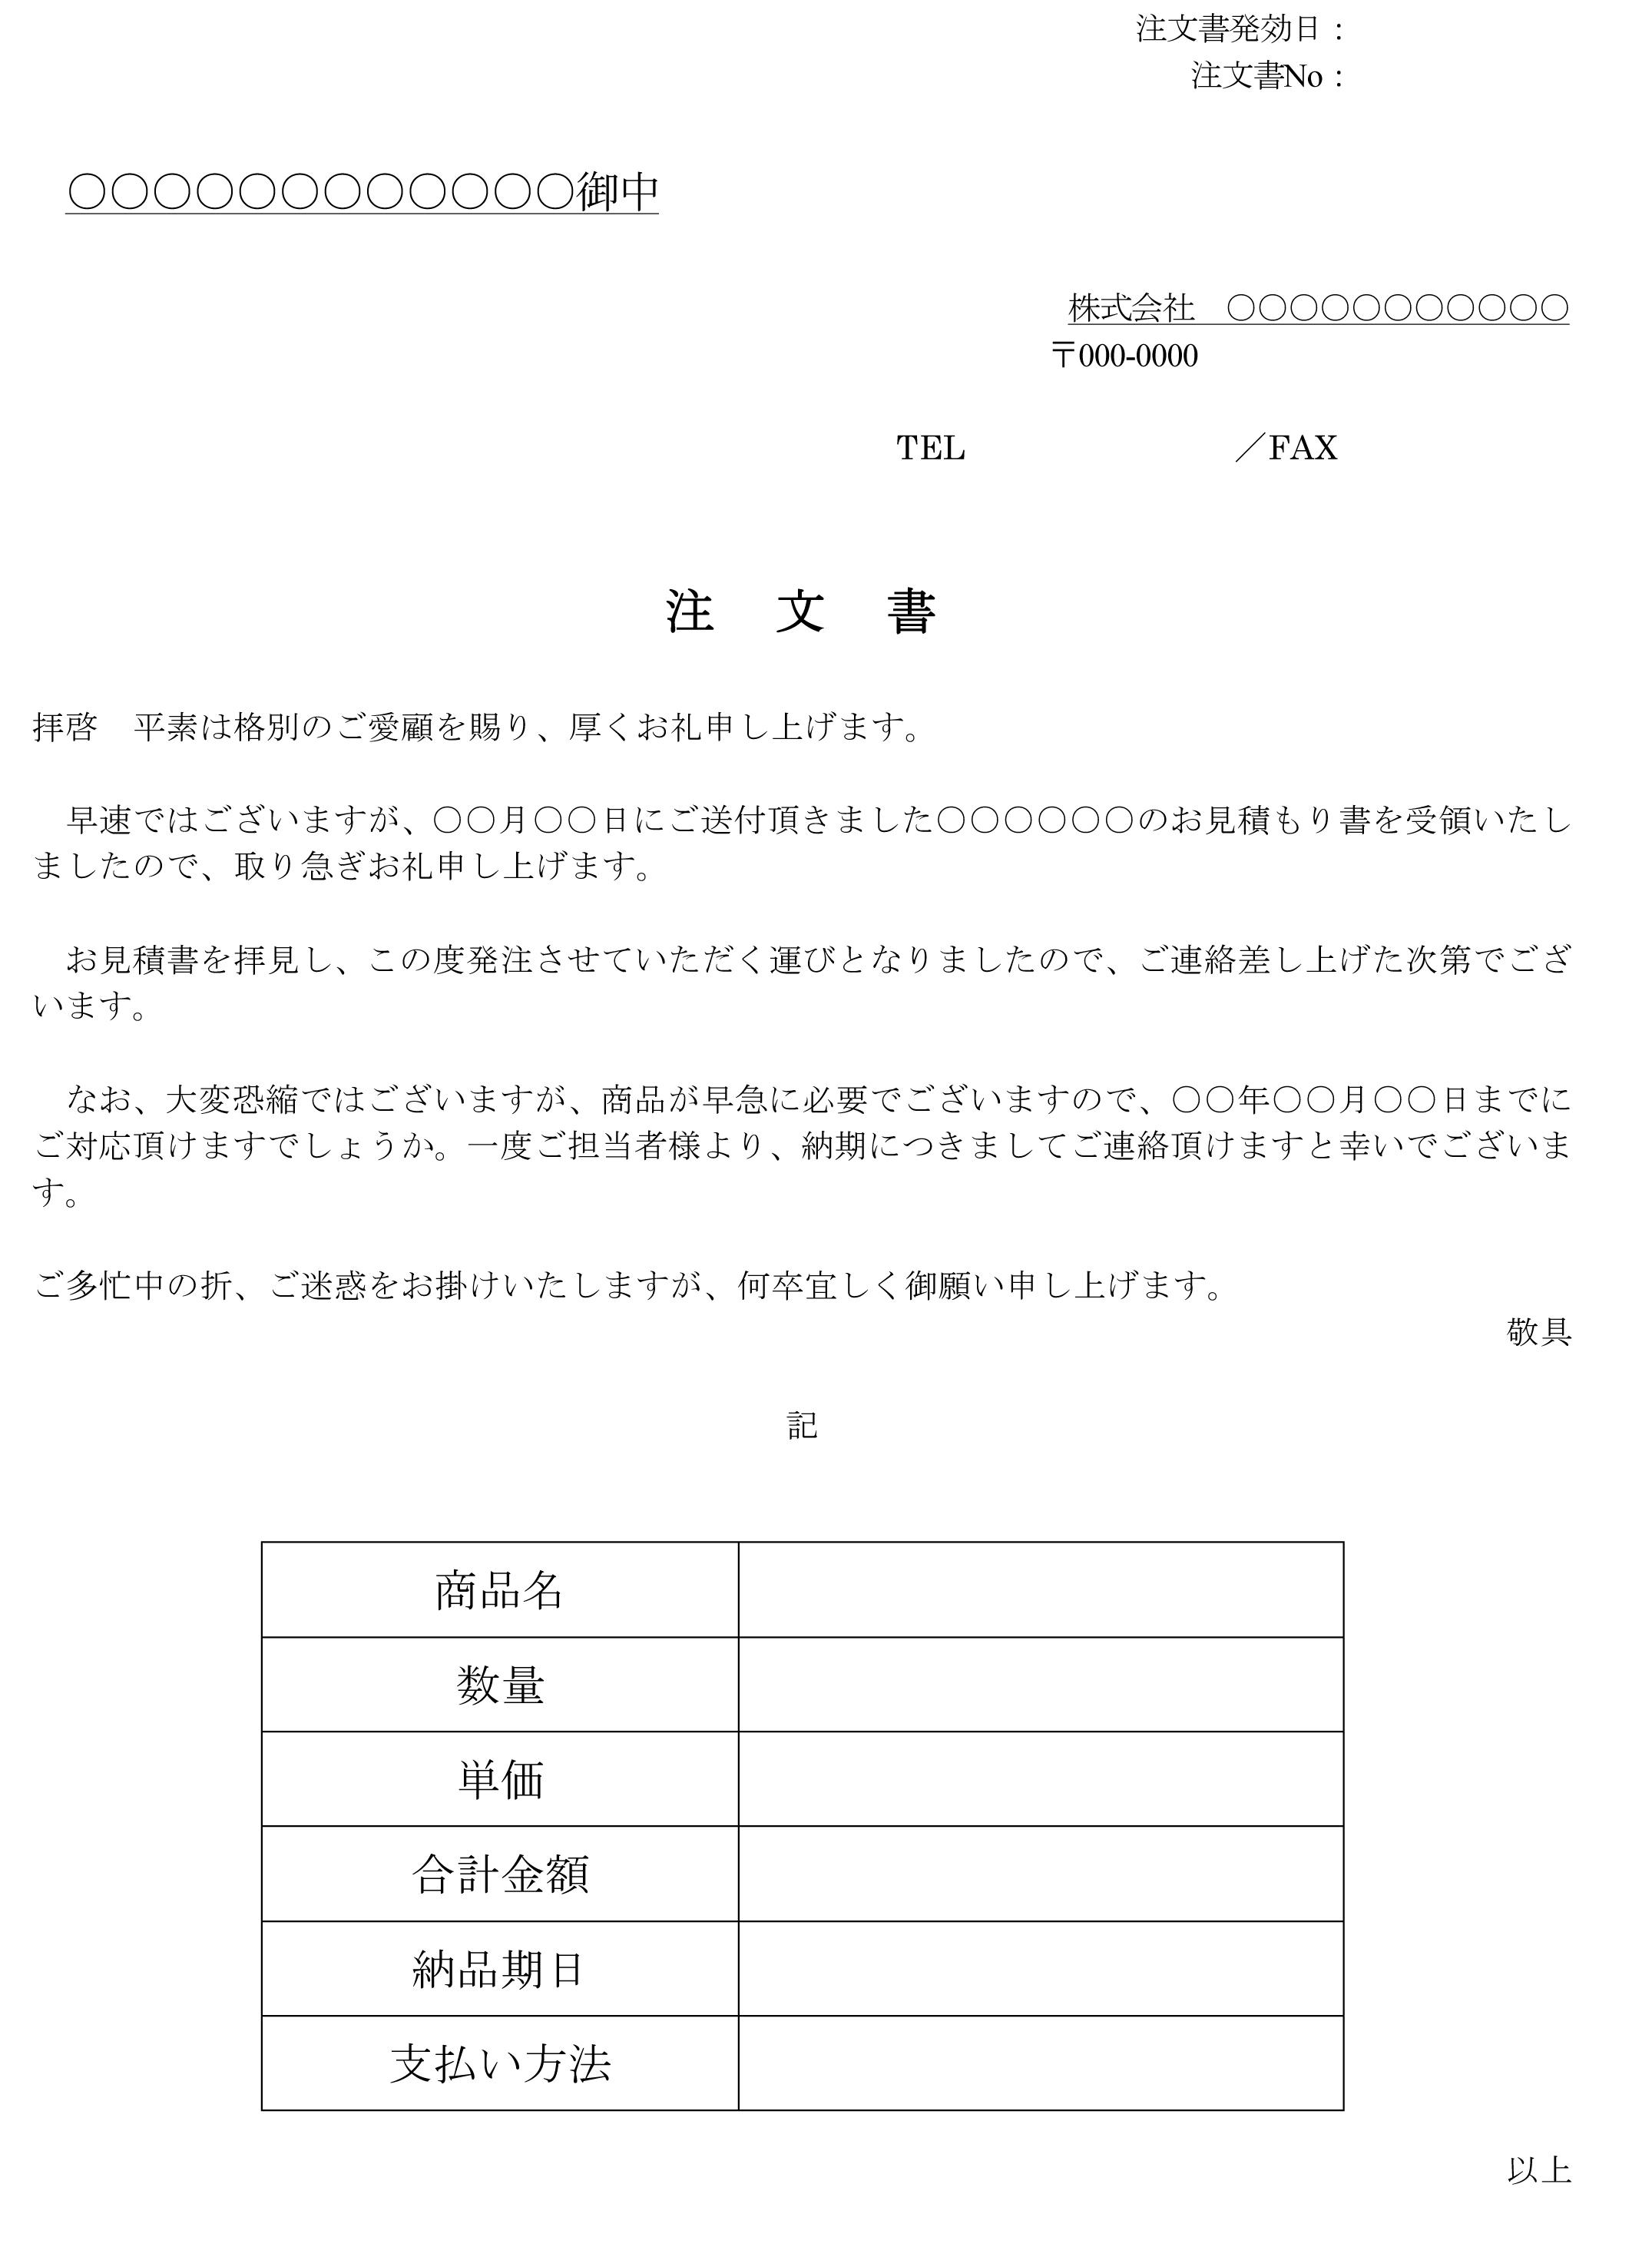 注文書(商品を早期納品したい)01